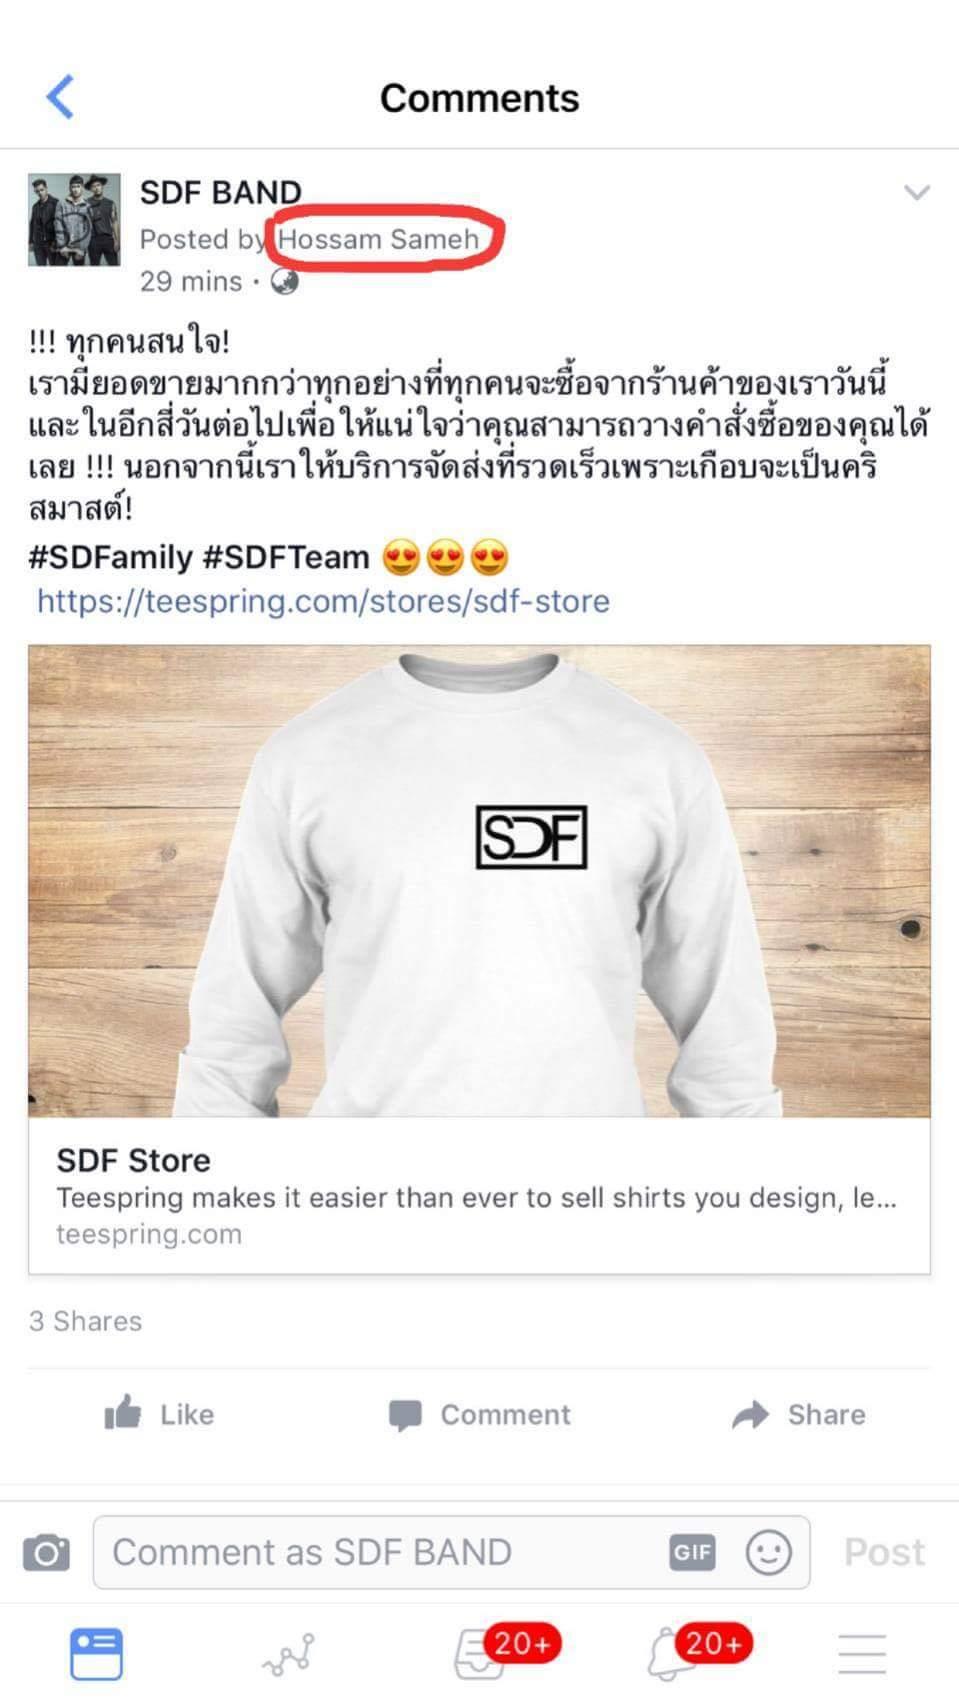 ยิ่งกว่าแฮค!! วง SDF โดนขโมยโลโก้วง ฝากเตือน อย่าหลงเชื่อมิจฉาชีพ